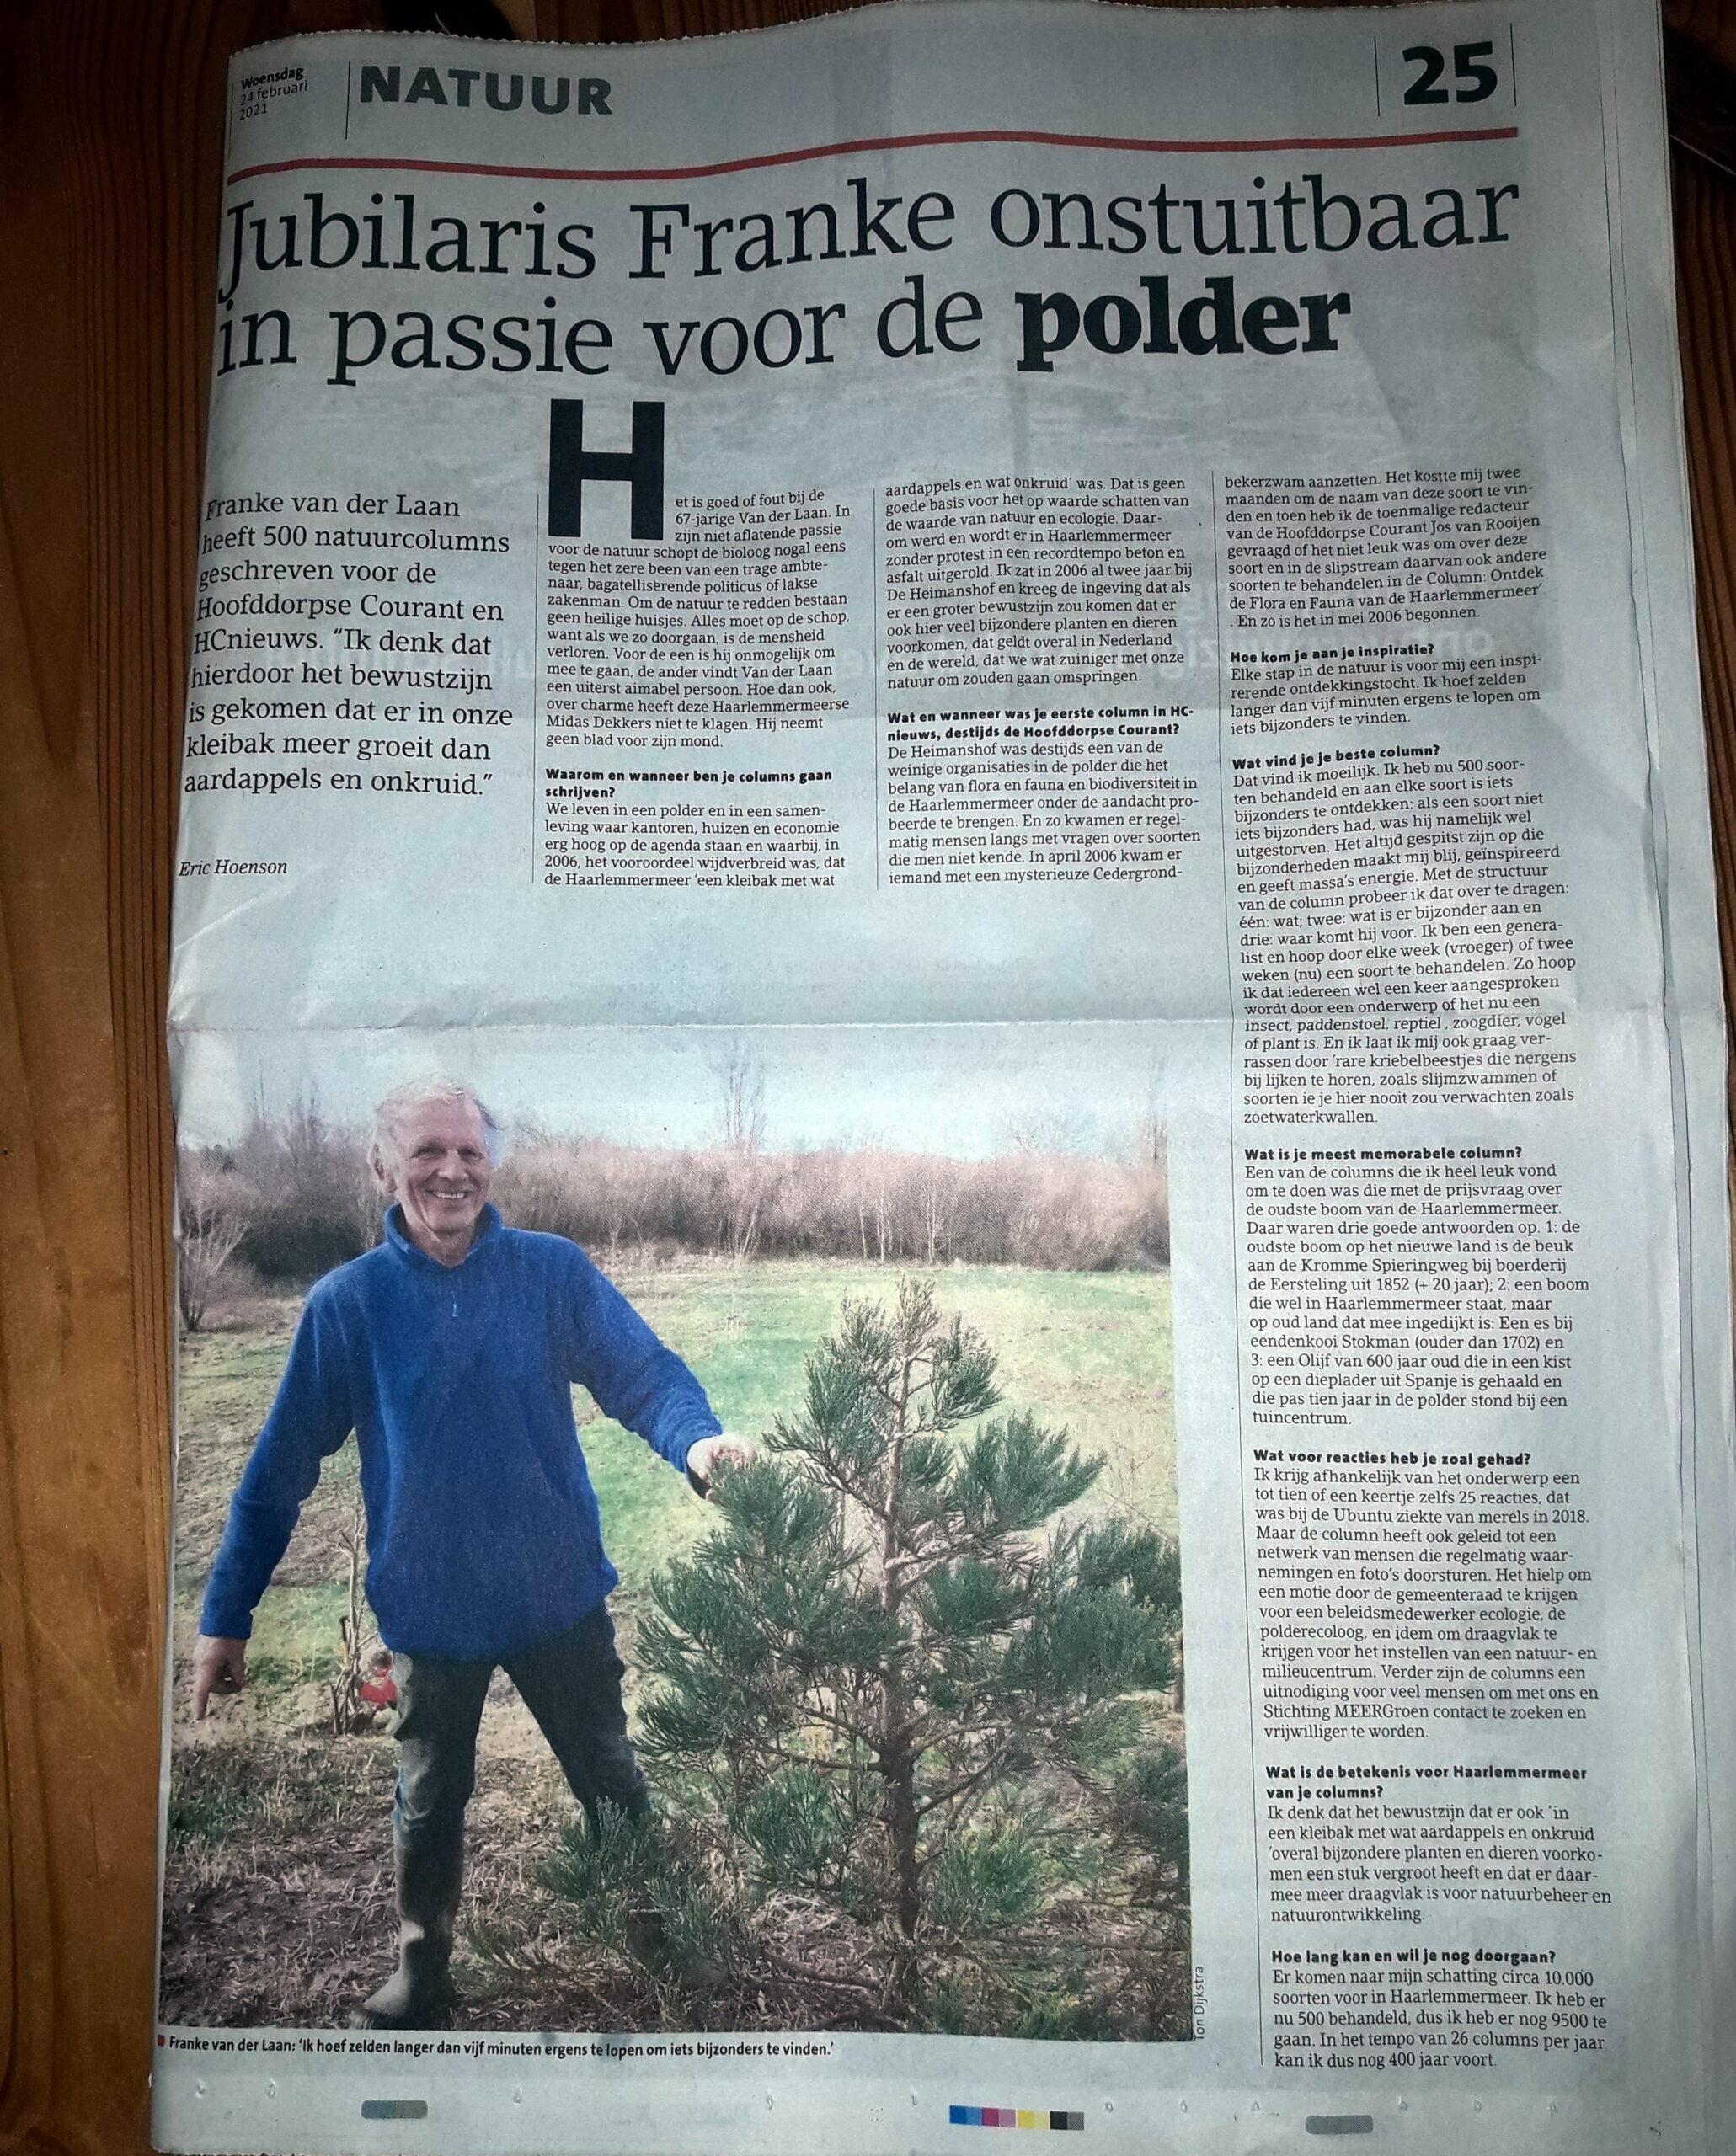 Jubilaris Franke onstuitbar in passie voor de polder